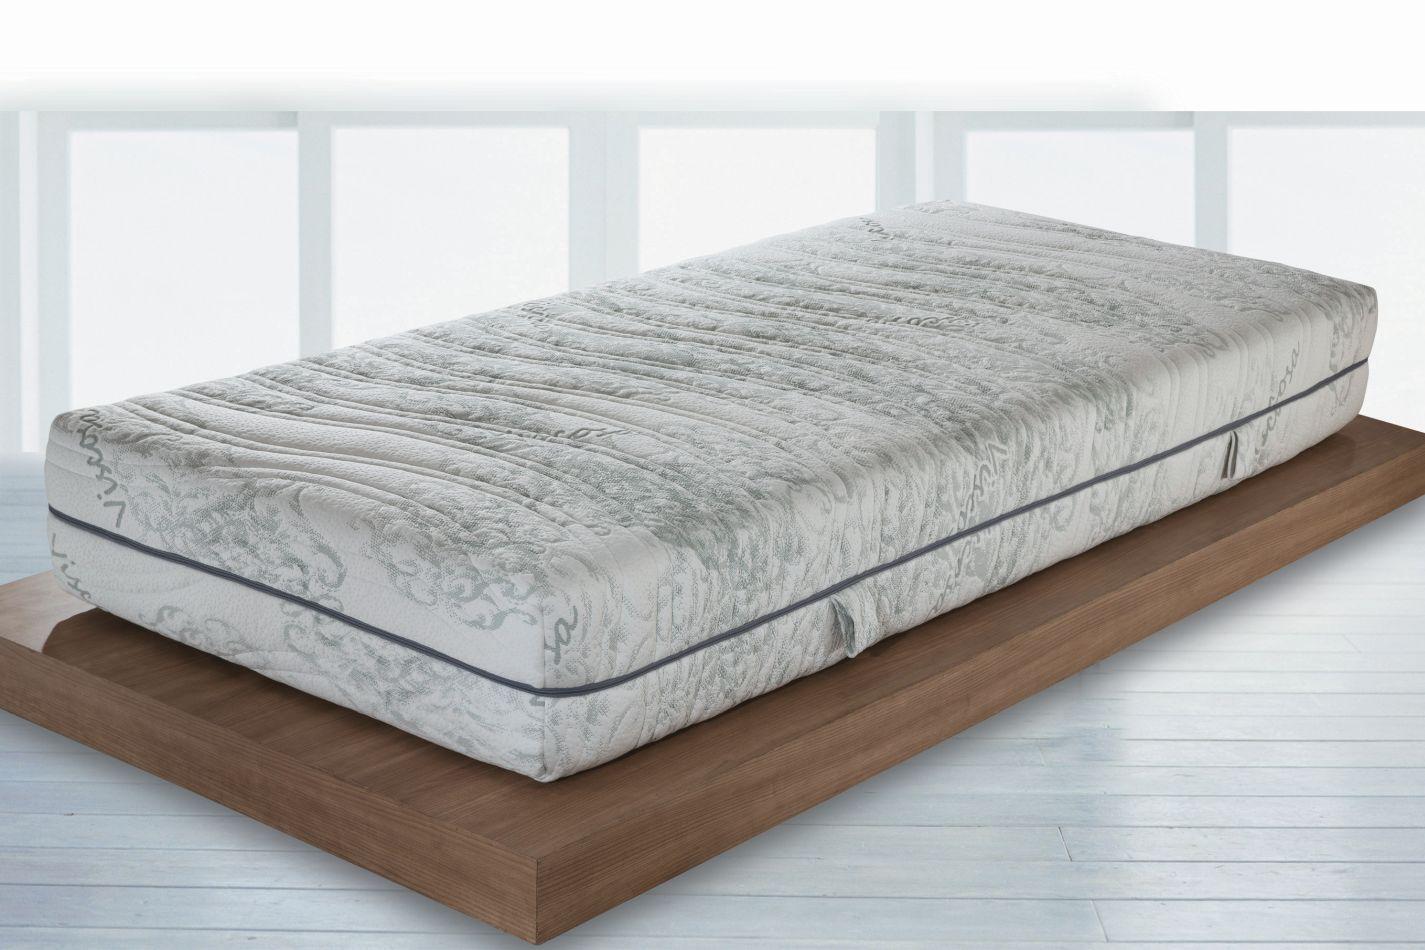 Matratze Balance Plus mit Taschen Federkern  - Abmessungen: 100 x 200 cm